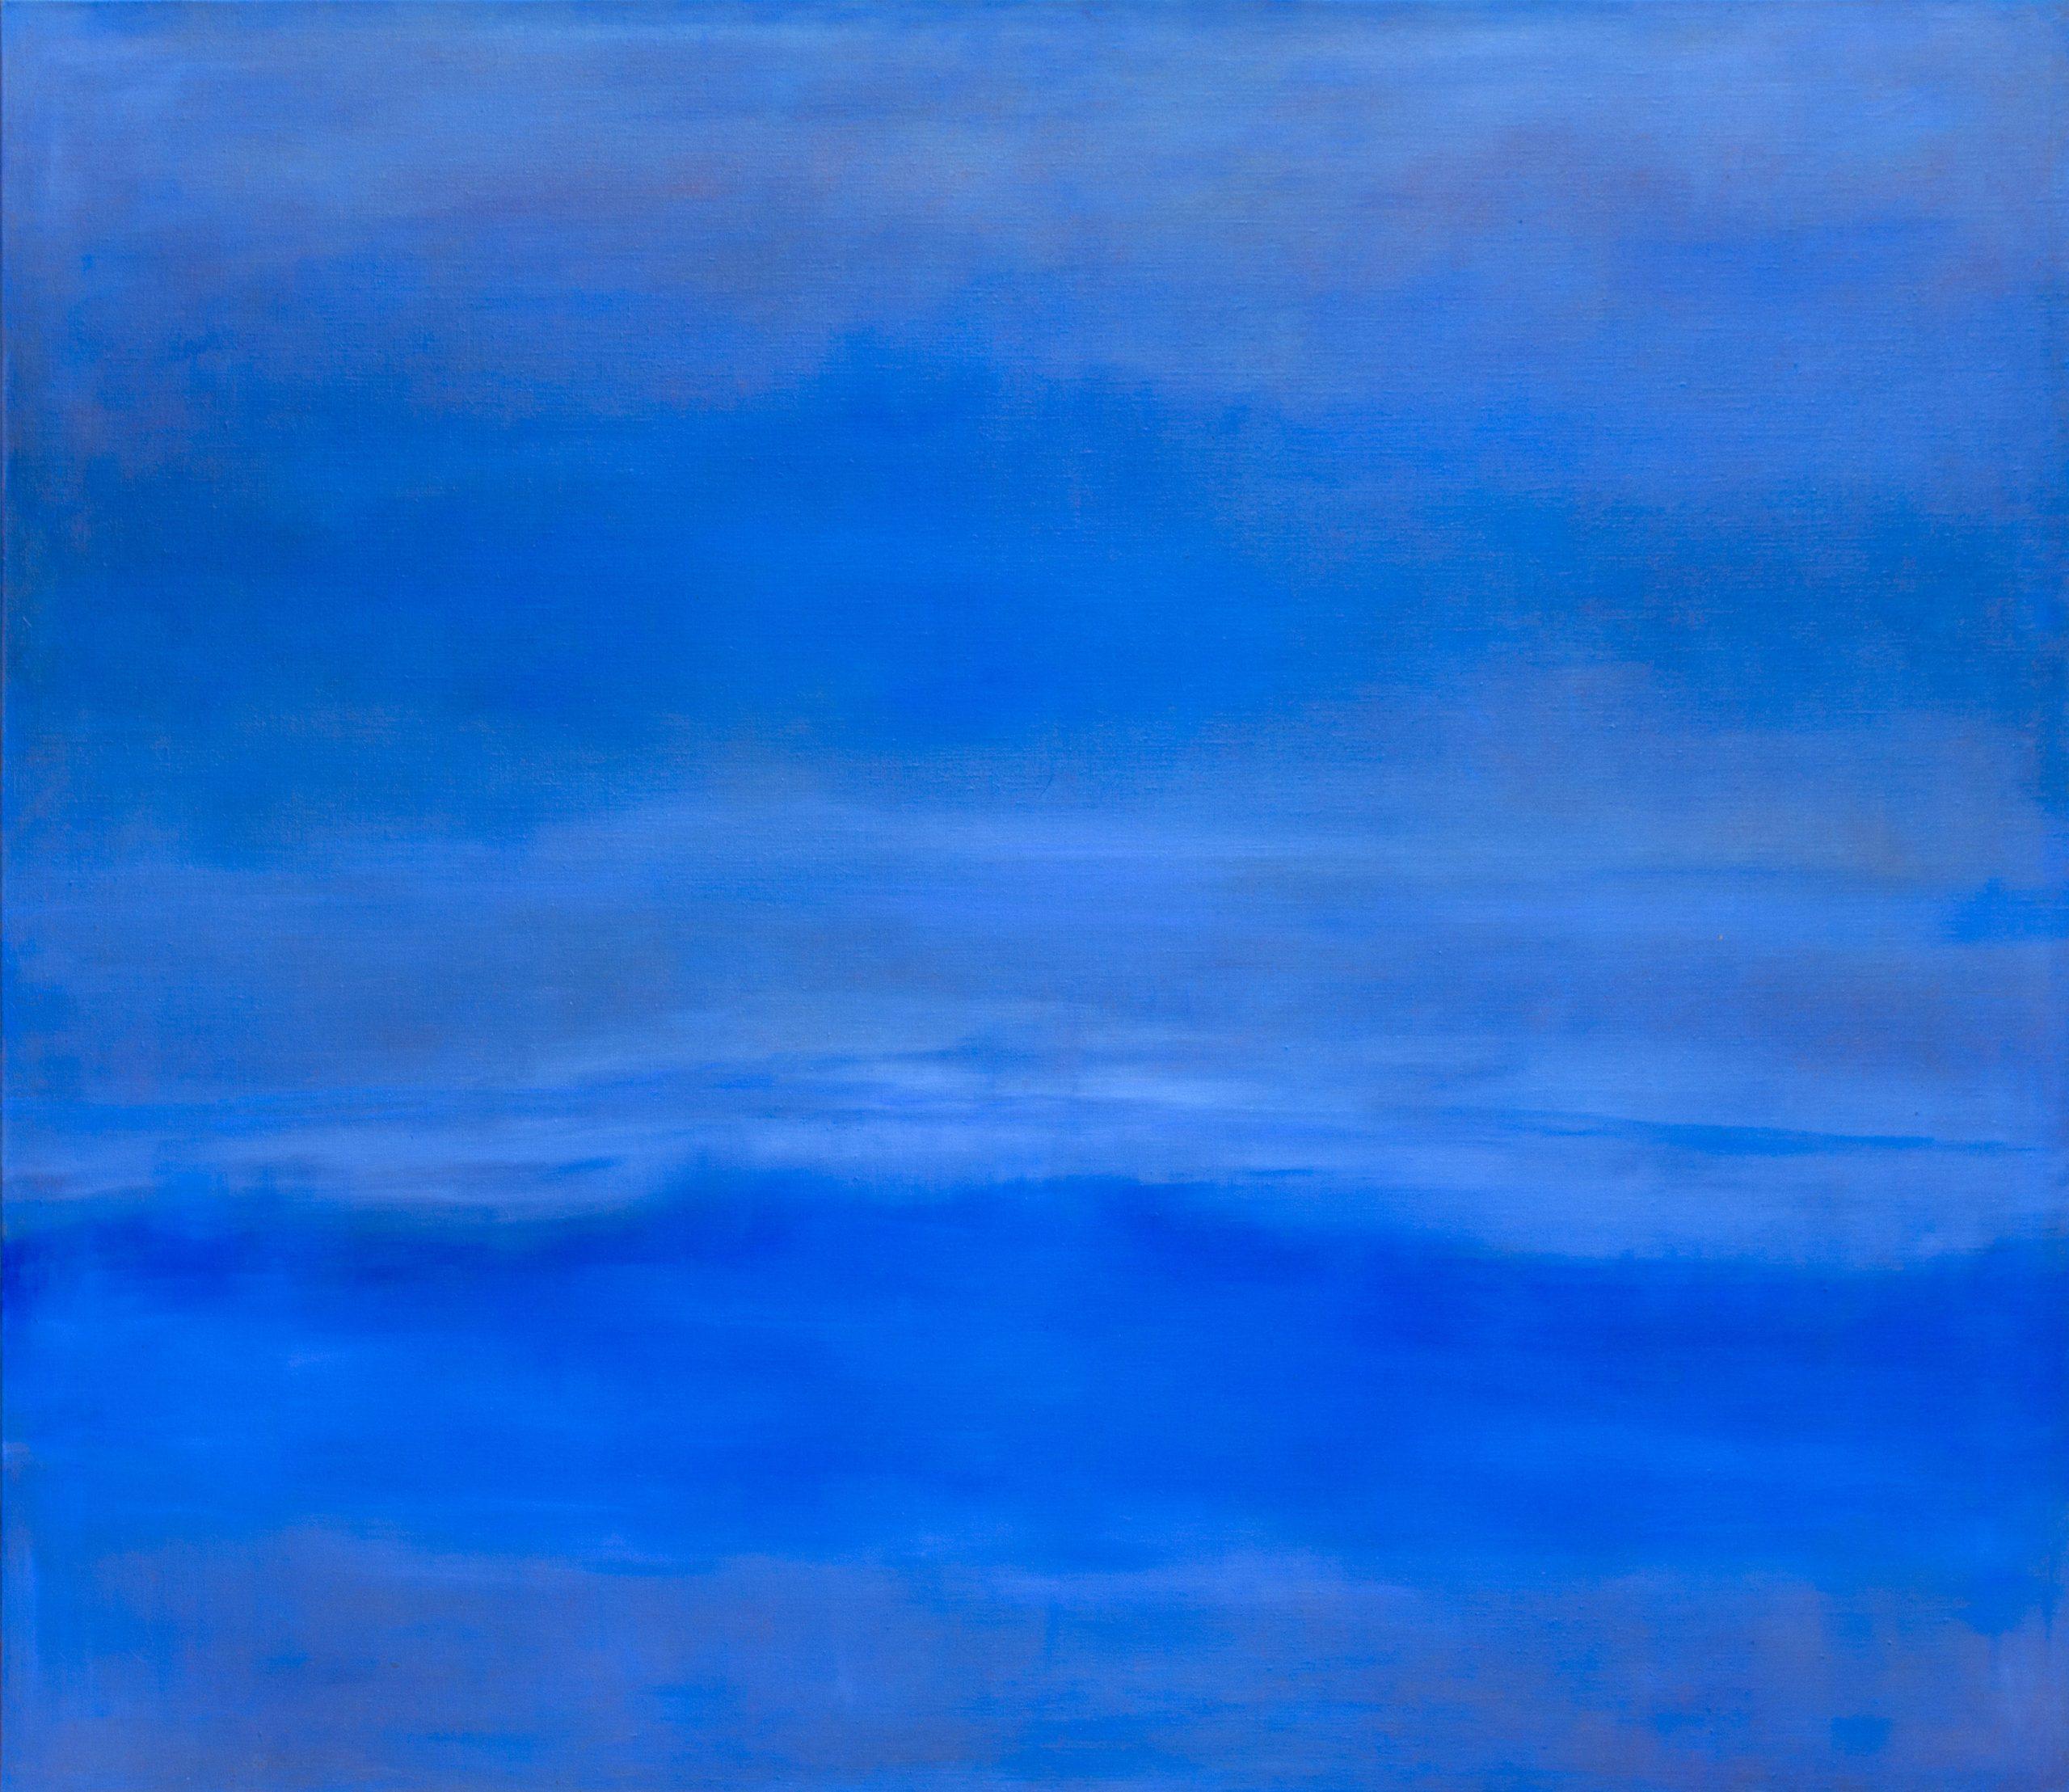 Inarijärvi tyynenä ja sinisen valon kyllästämänä.